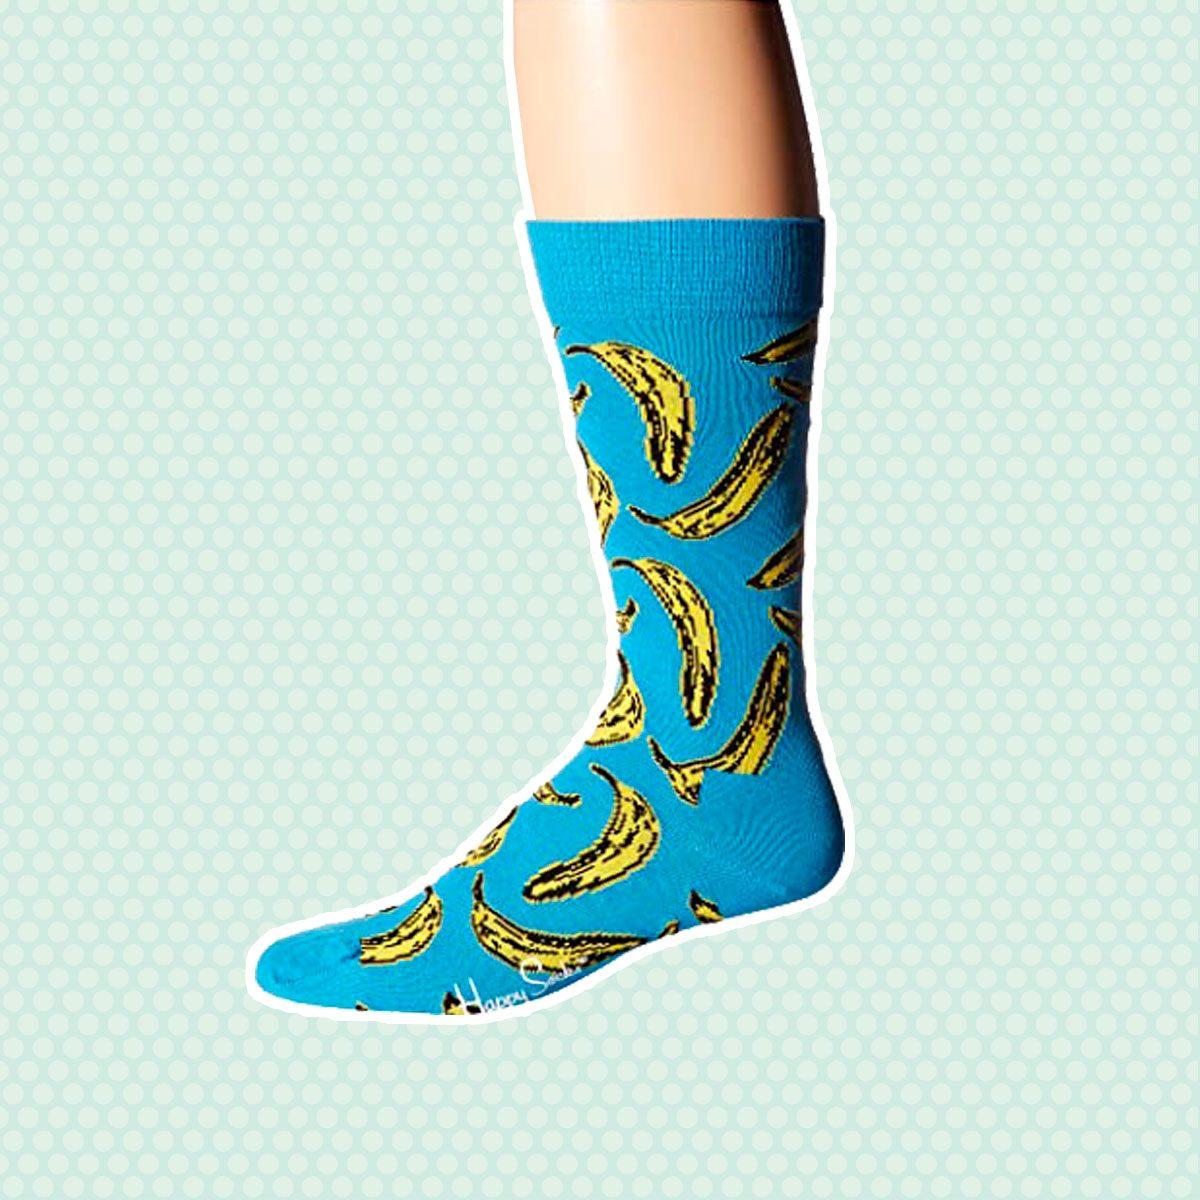 Andy Warhol Banana Socks